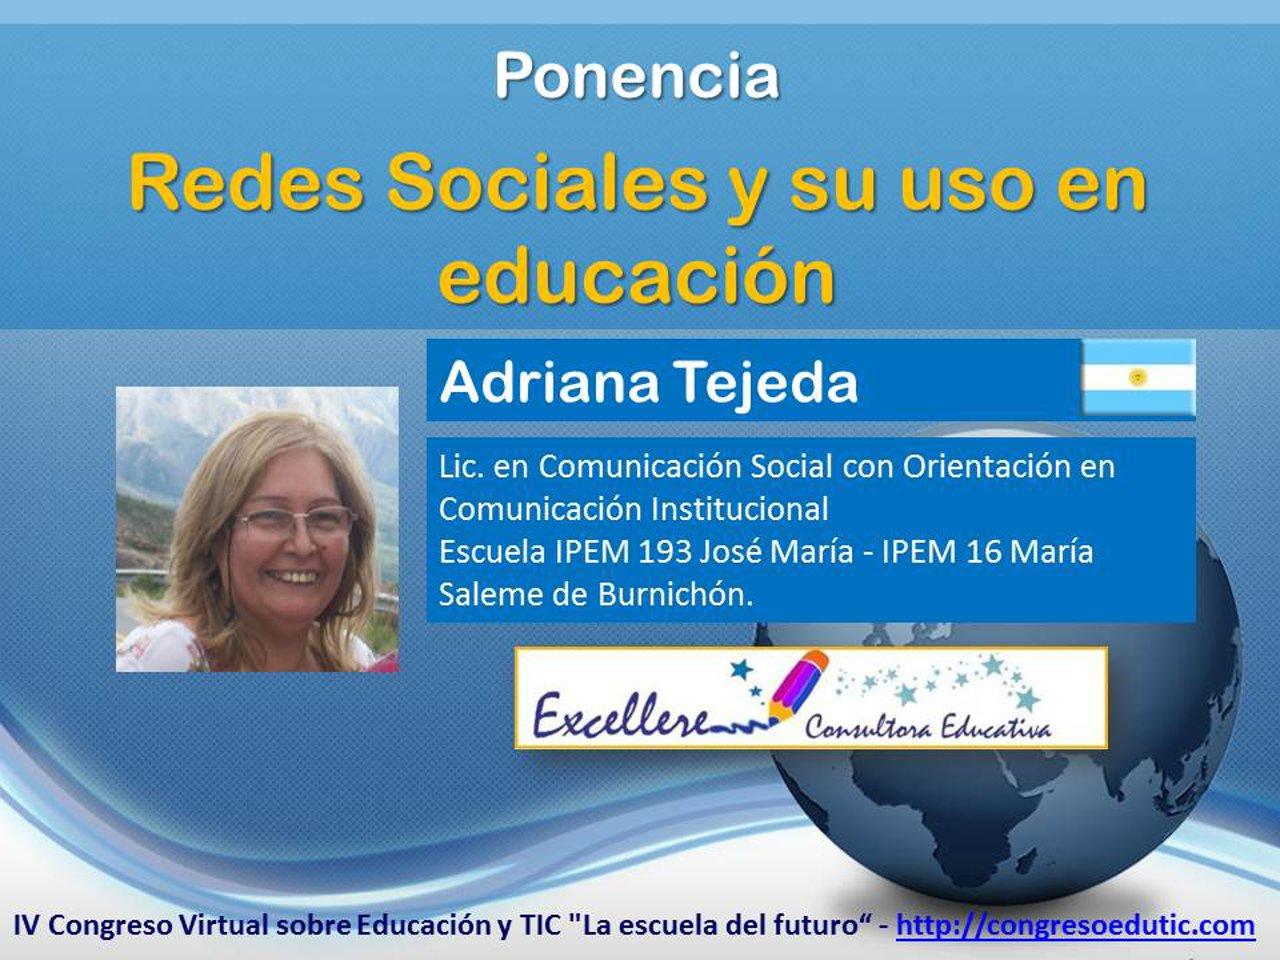 Ponencia de Adriana Tejeda